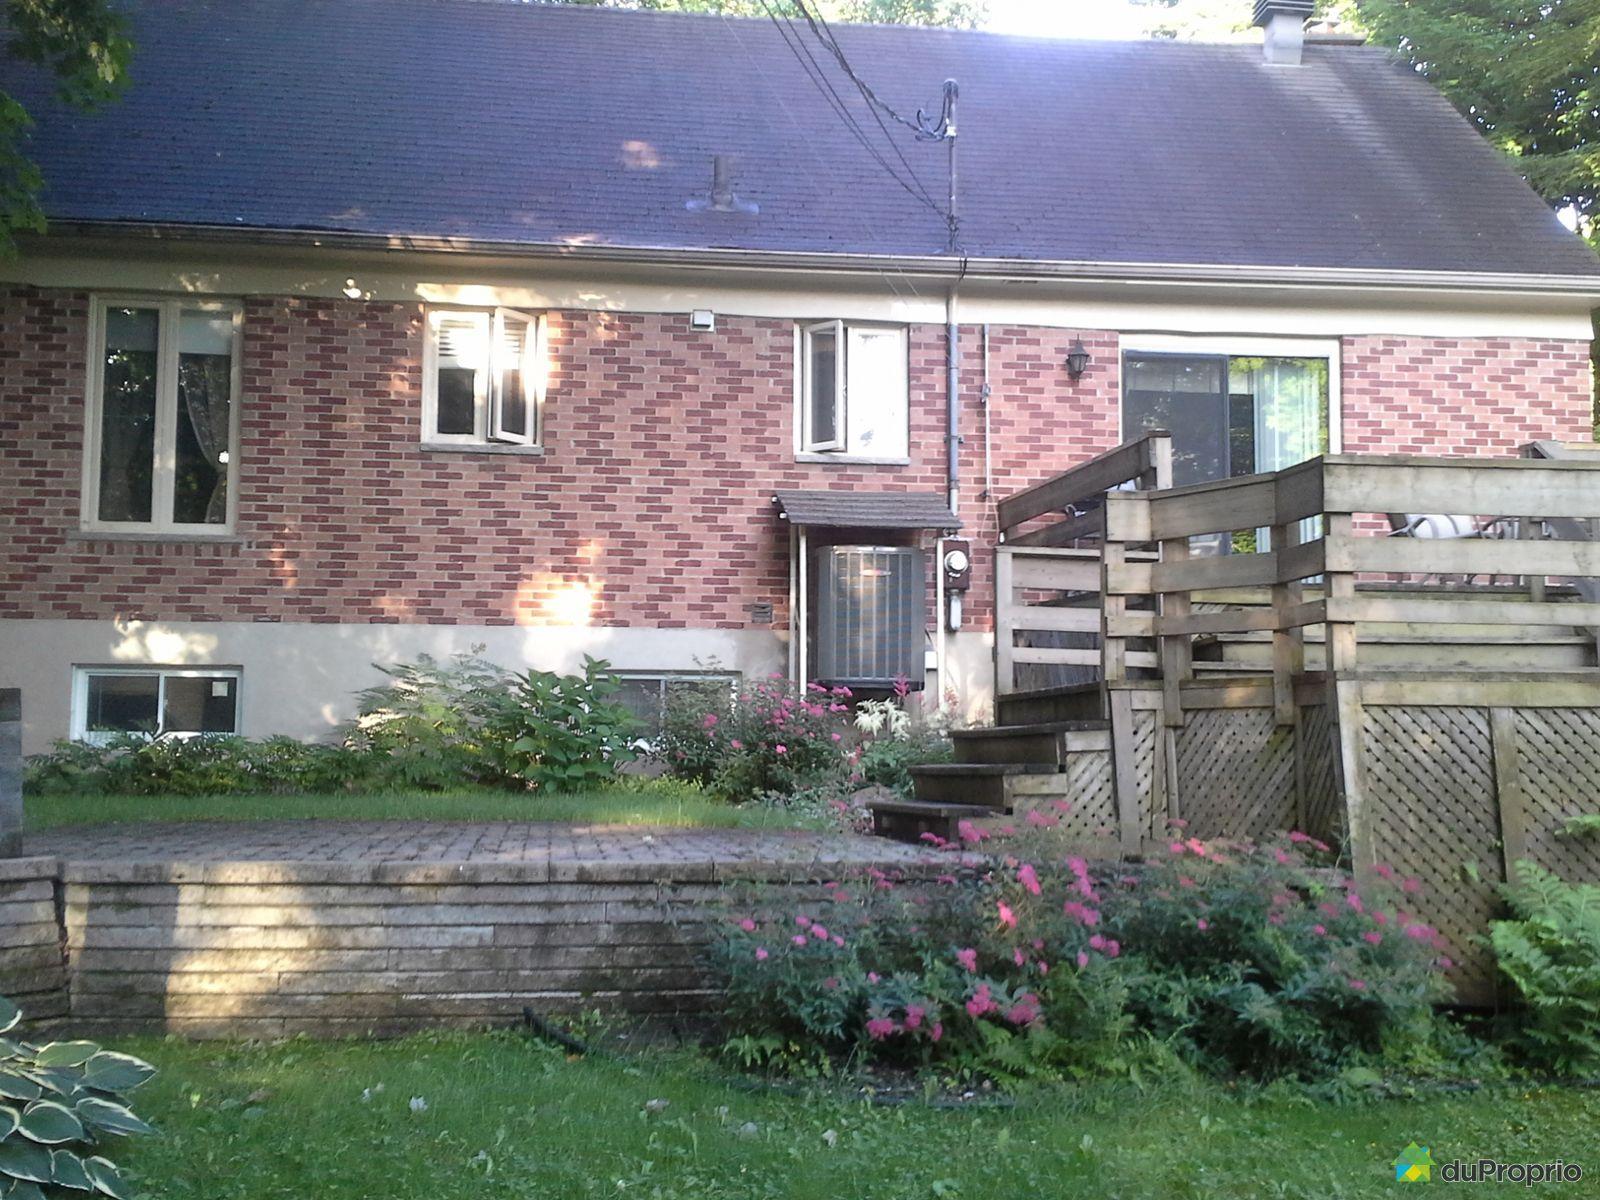 Maison vendre montchatel 4121 rue d 39 estr es immobilier qu bec dupro - Module exterieur a vendre ...